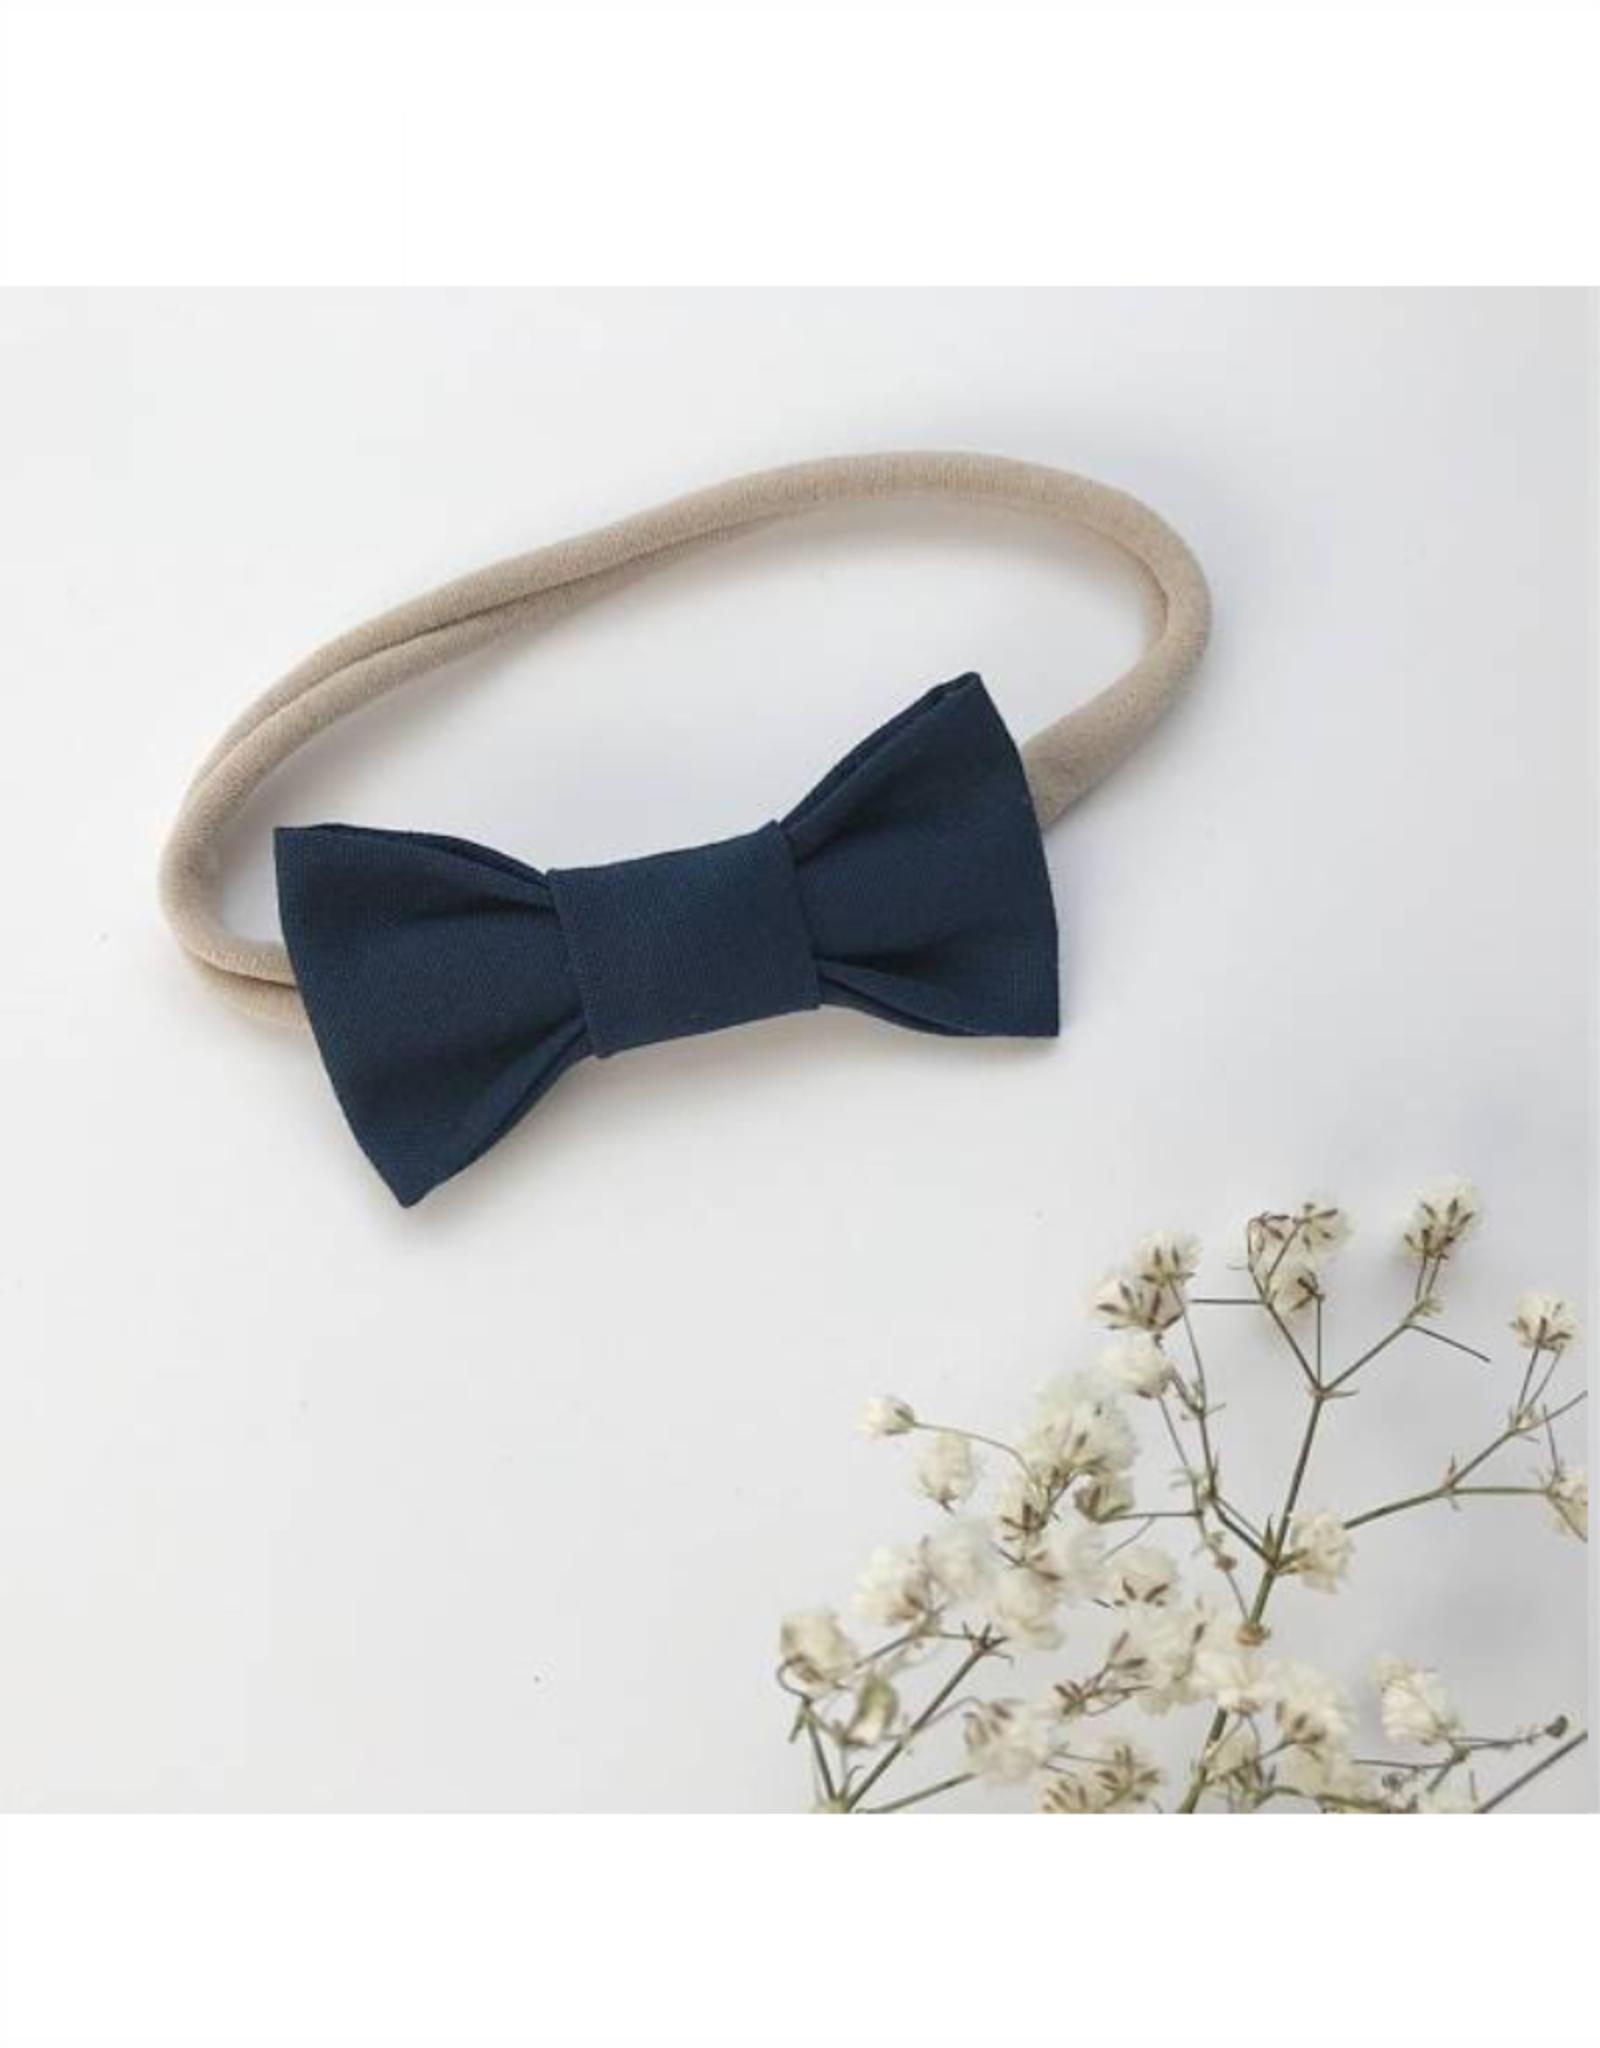 Mlle Léonie bow tie headband - navy blue